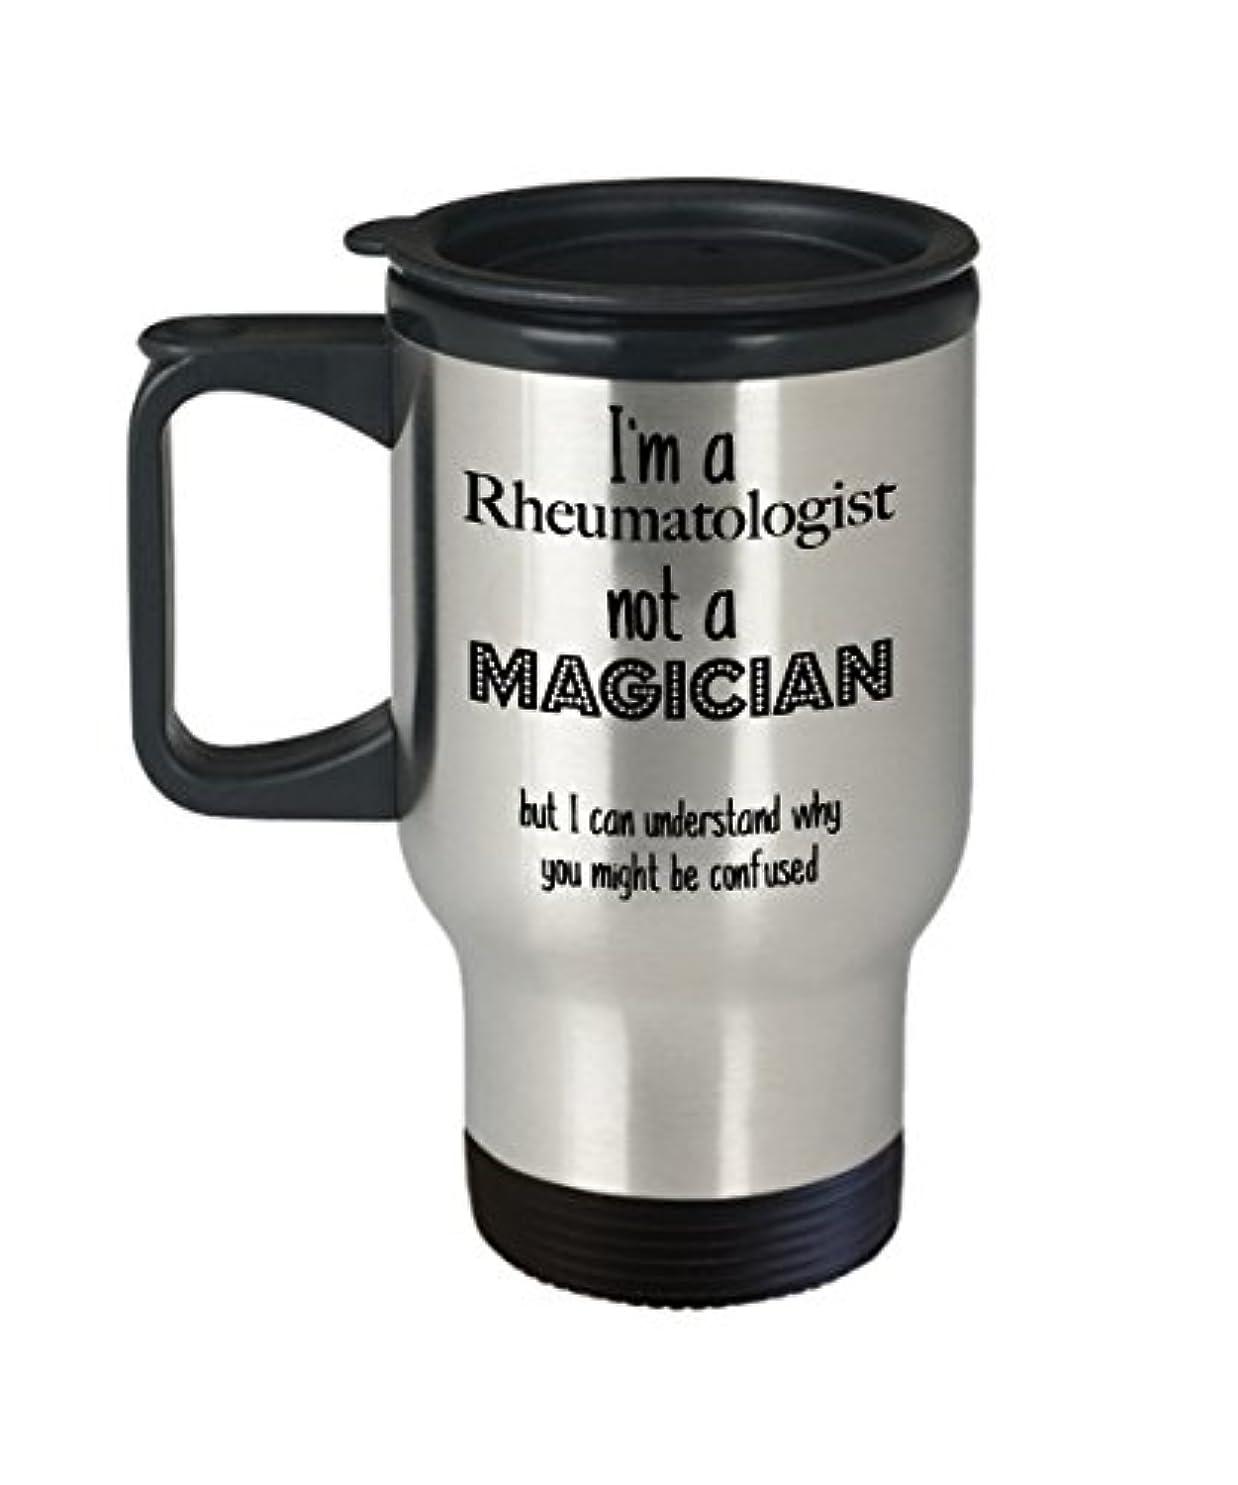 パンチセッティング前者面白いRheumatologistマグ、Rheumatologistステンレススチール旅行コーヒーマグギフト